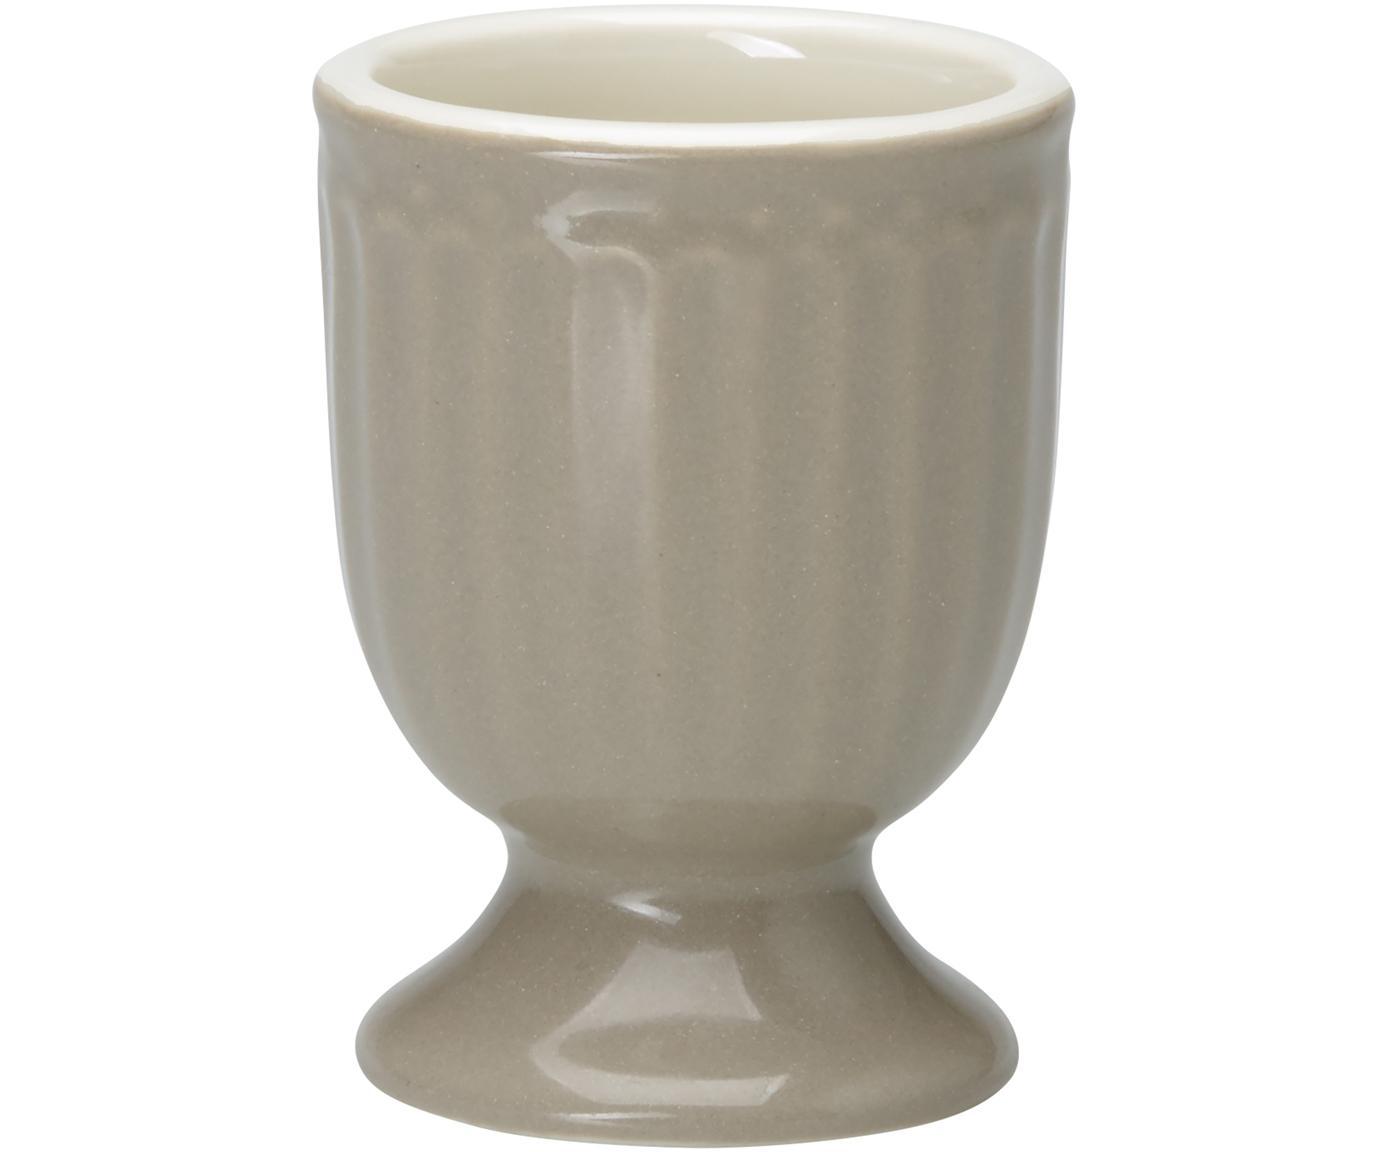 Kieliszek do jajek Alice, 2 szt., Porcelana, Szary, Ø 5 x W 7 cm